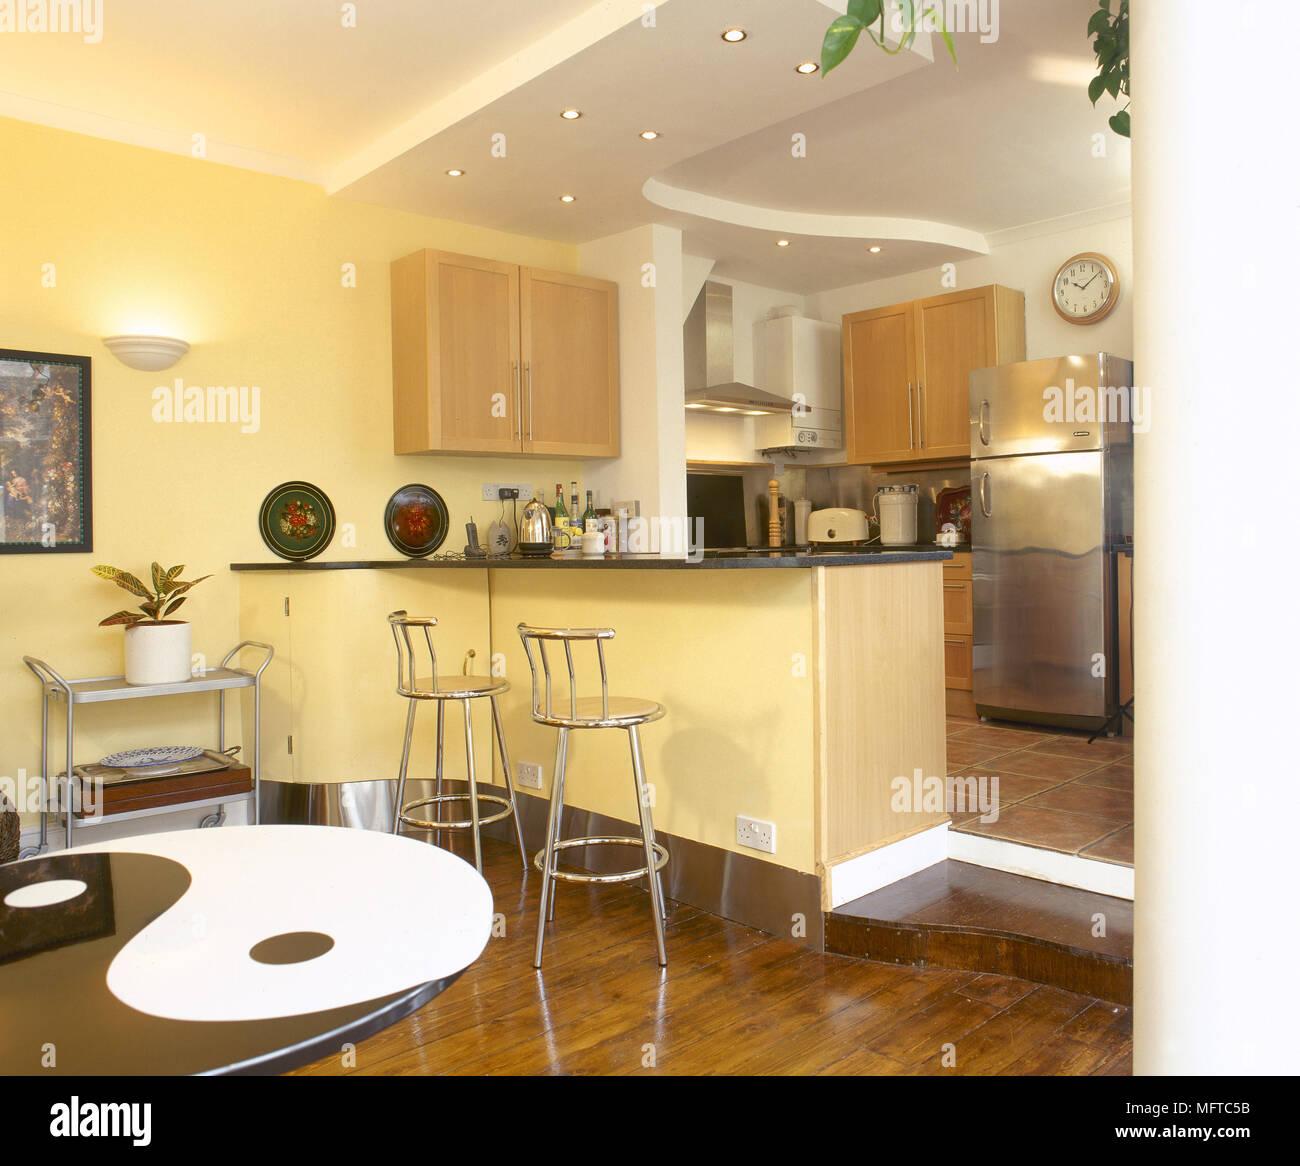 Küche und Essbereich mit einer zentralen Insel Frühstück Bar ...